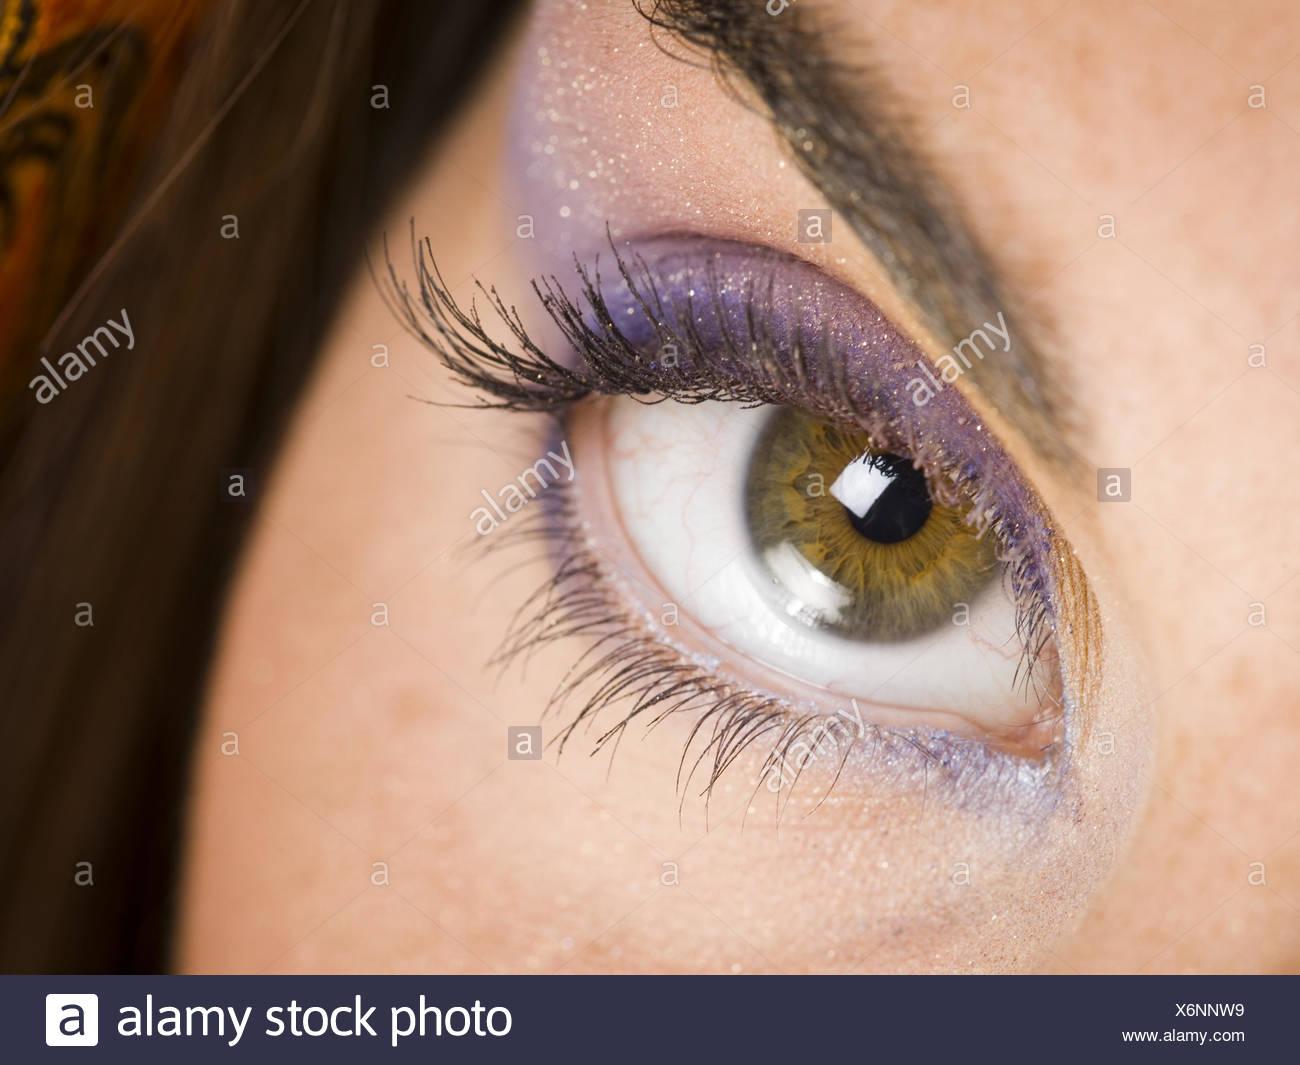 Makeup eye purple close up photo new photo